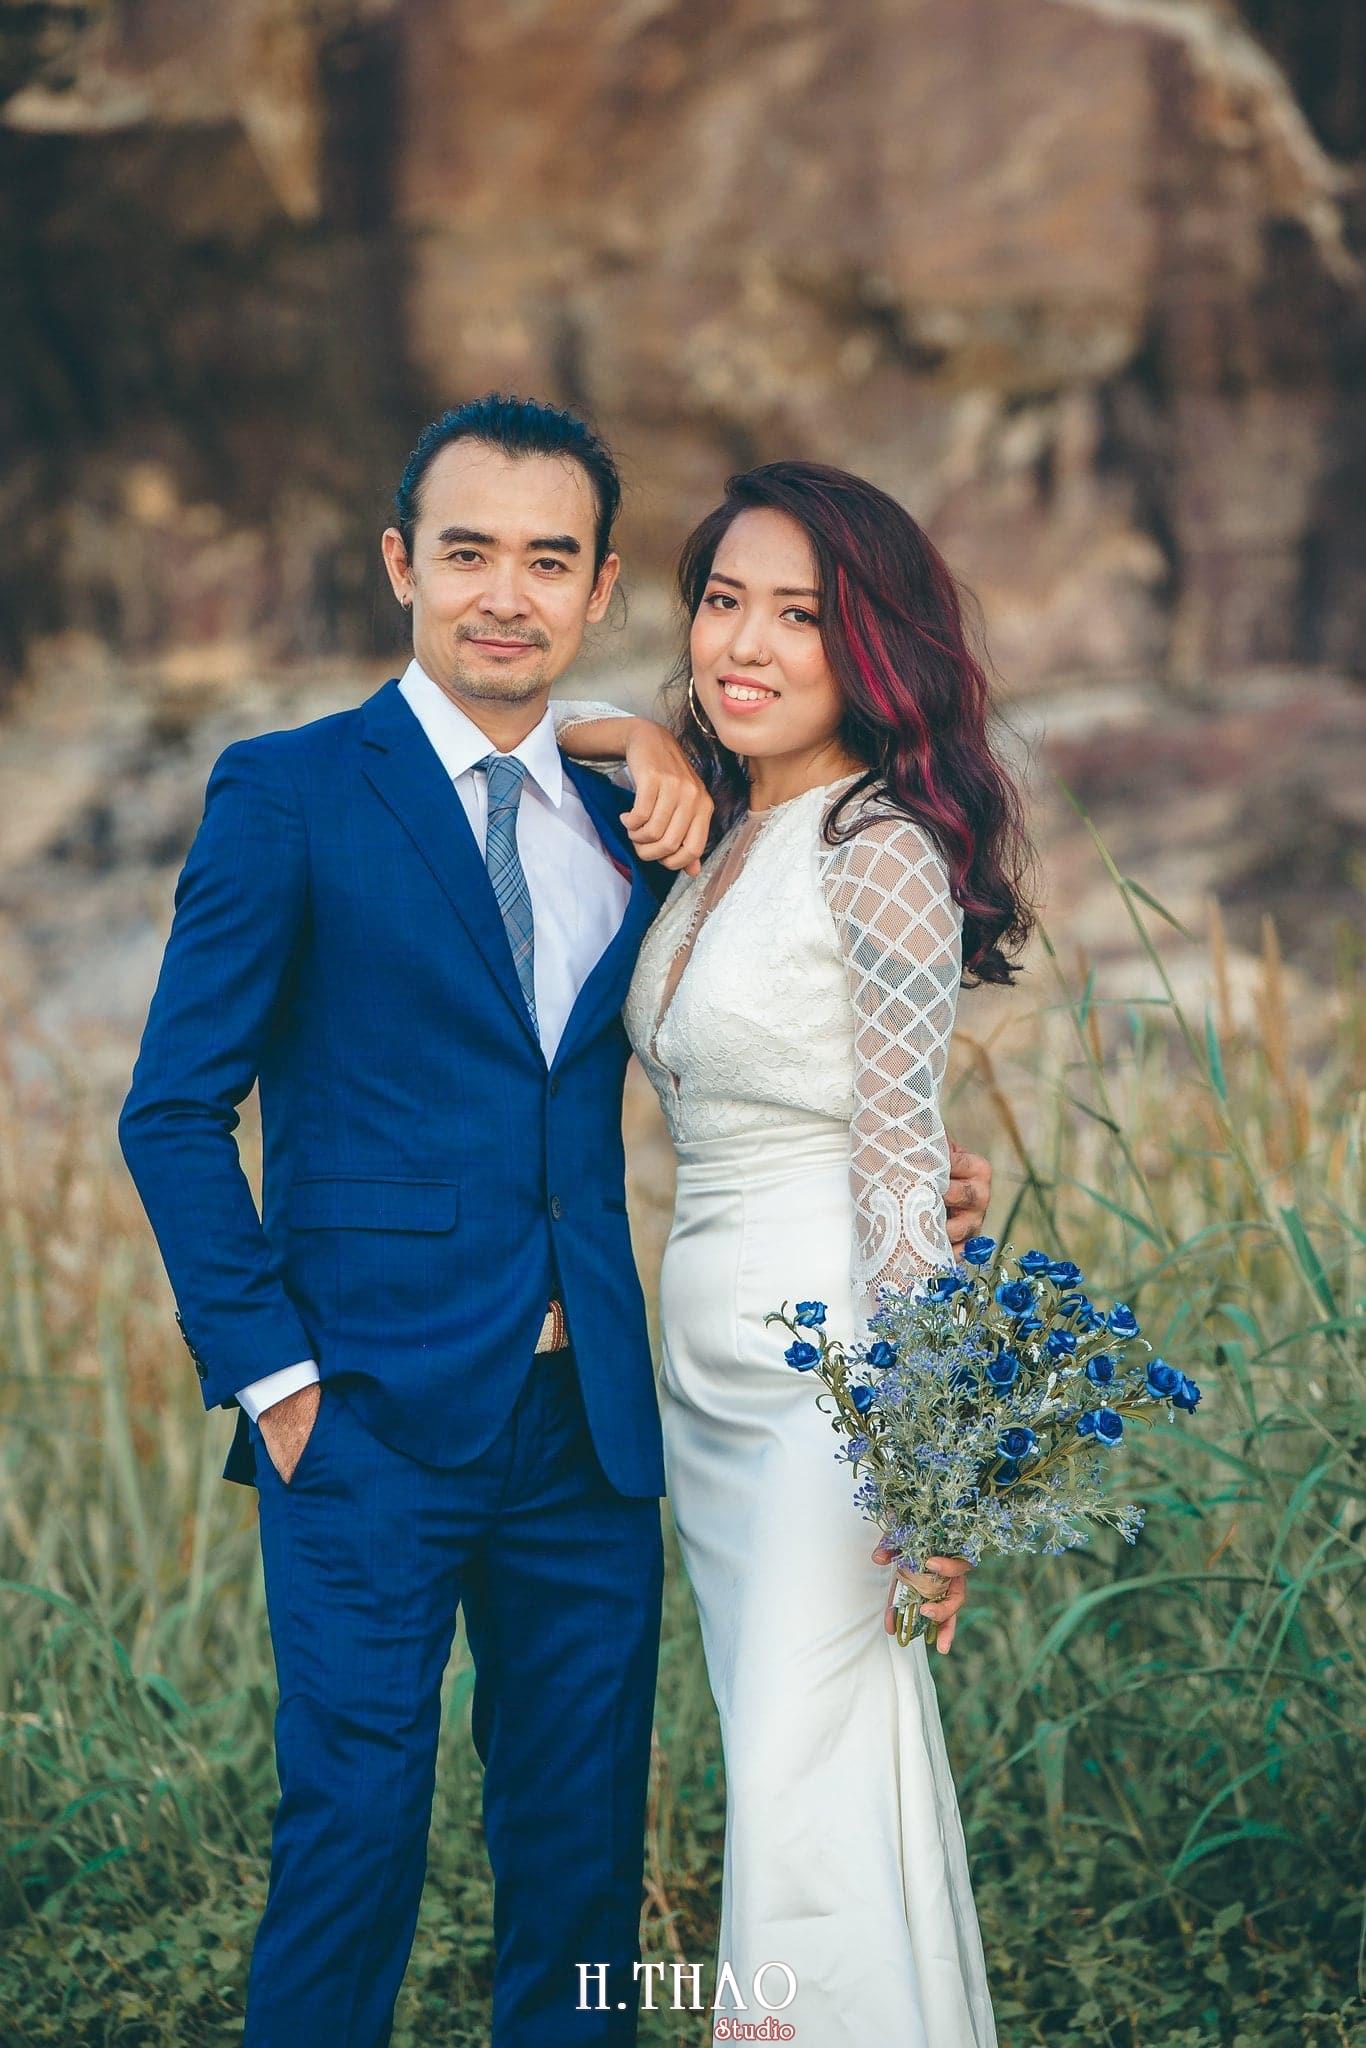 trung zen 5 - Album ảnh cưới chụp theo phong cách tây - HThao Studio